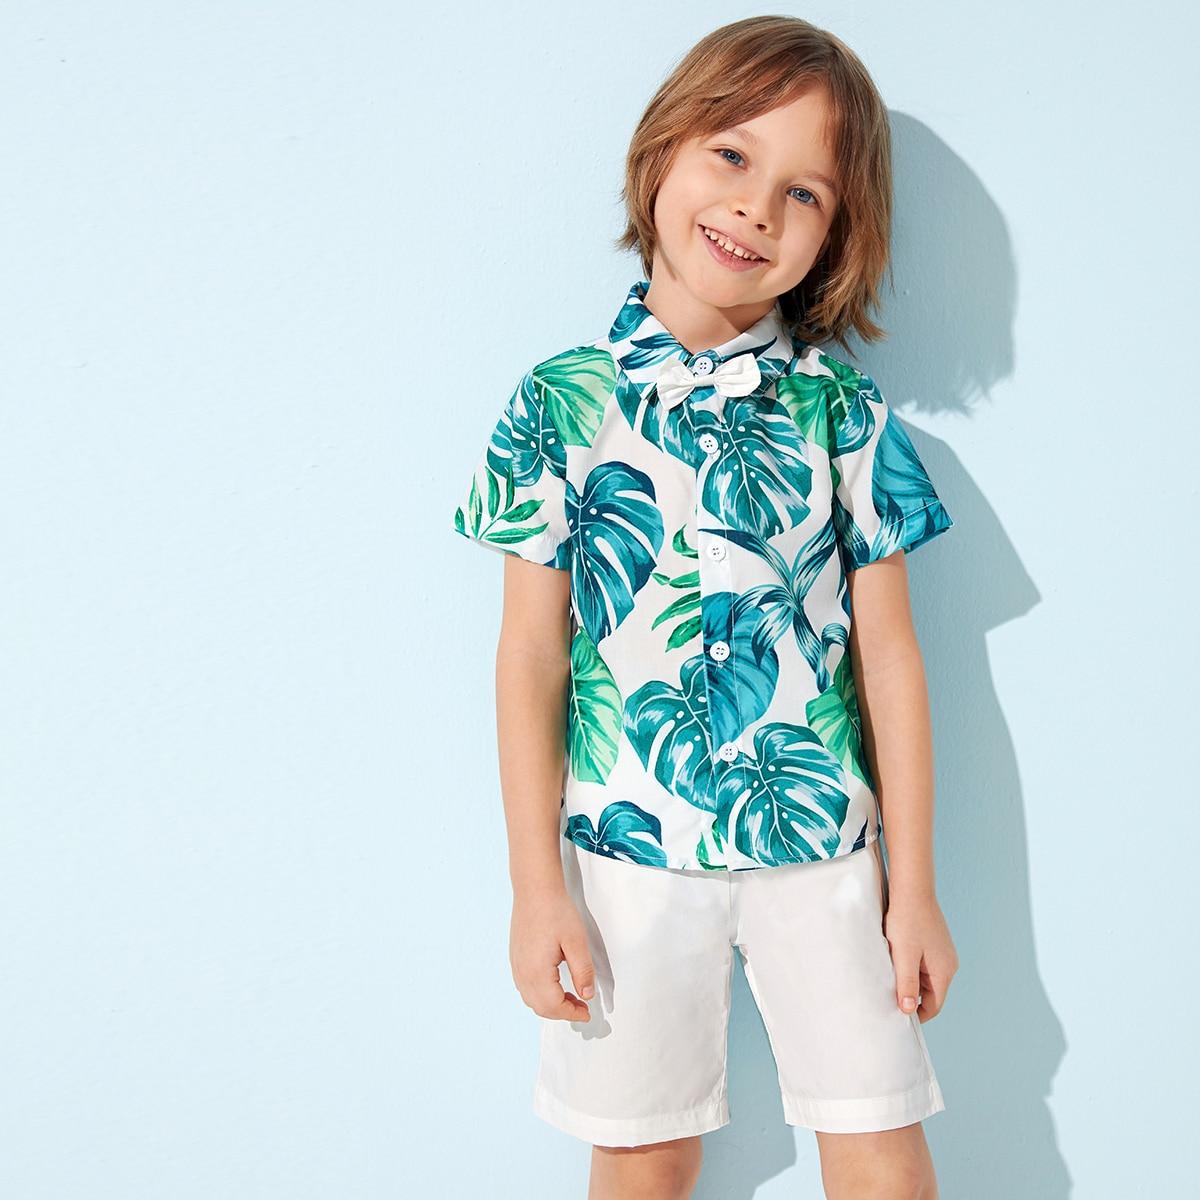 Шорты и рубашка с тропическим принтом и бантом дя мальчиков фото